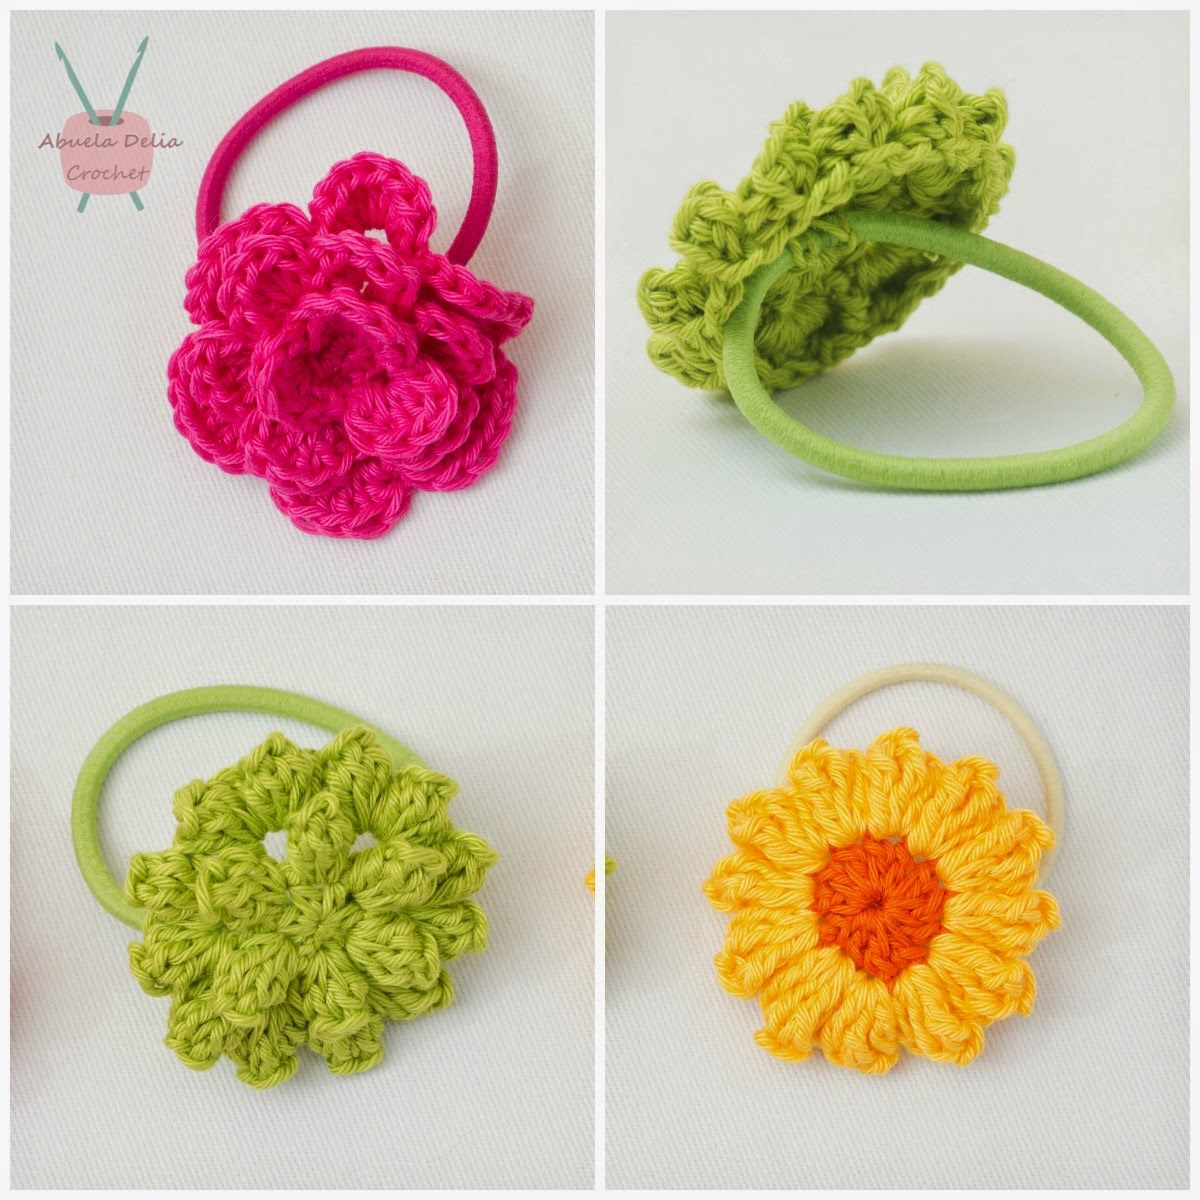 Abuela Delia Crochet: Gomitas para el Cabello con Flores | Hair ...